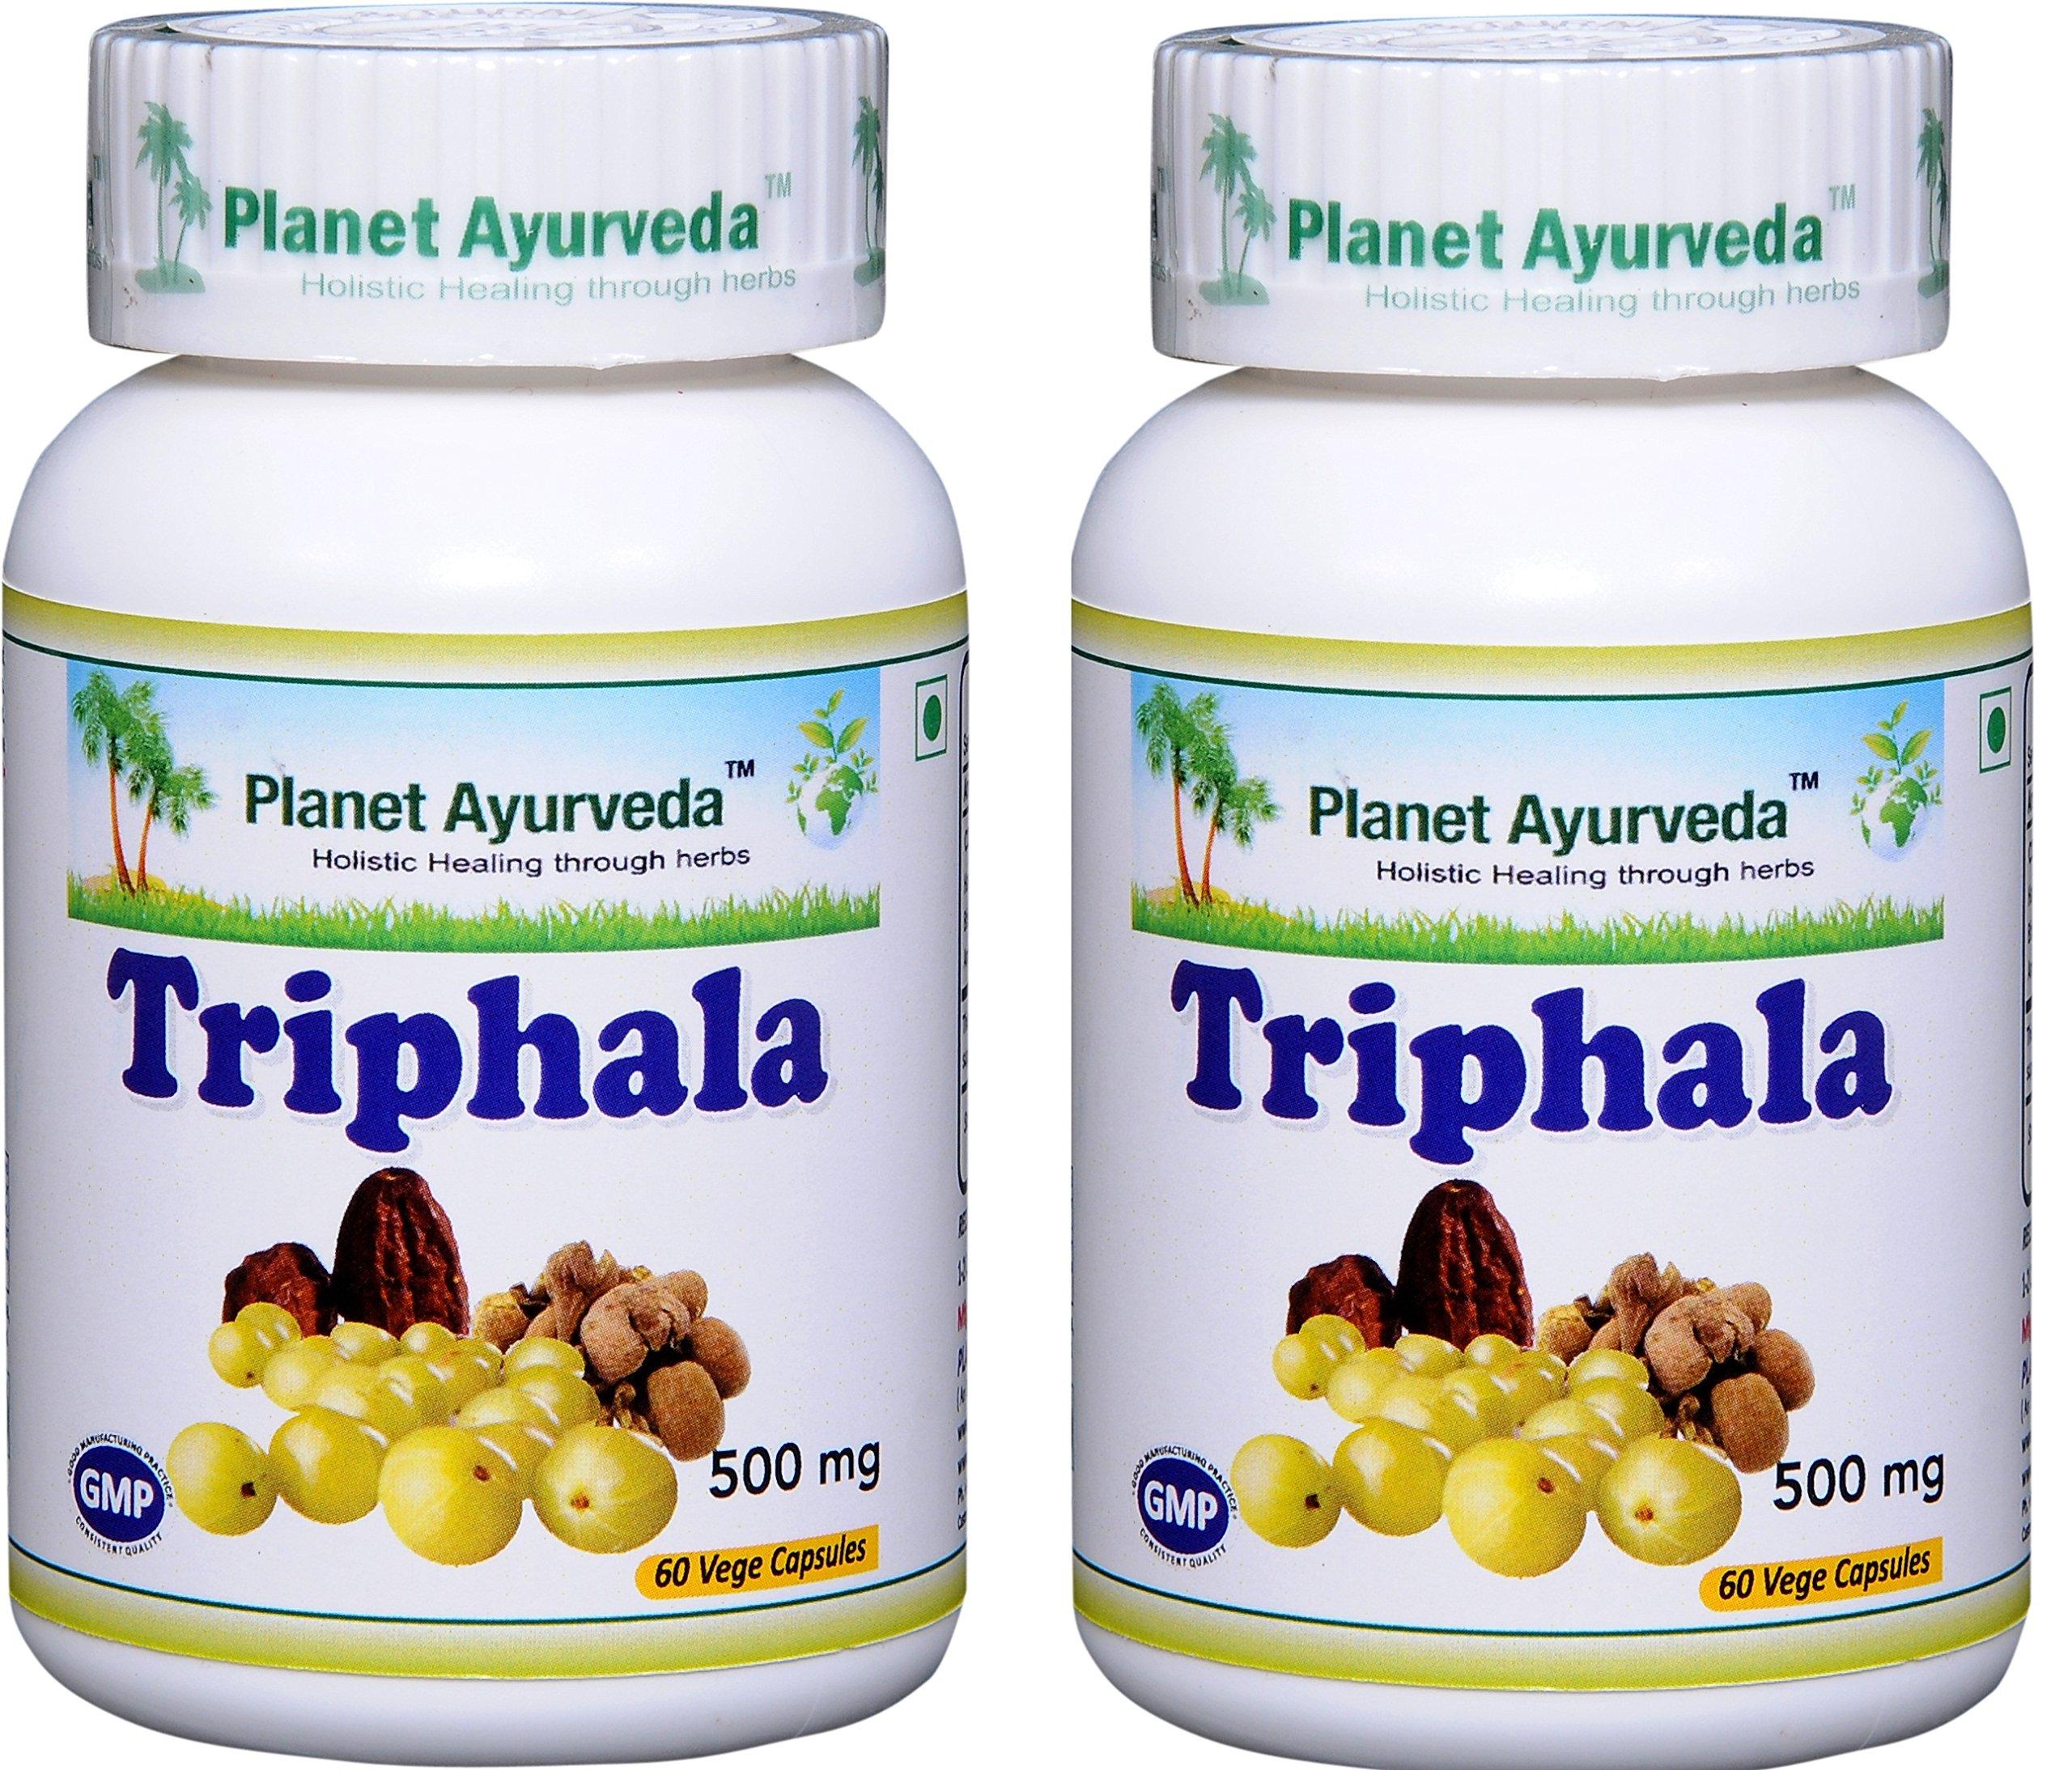 Planet Ayurveda Triphala, 500 Mg Veg Capsules, 2 Bottles